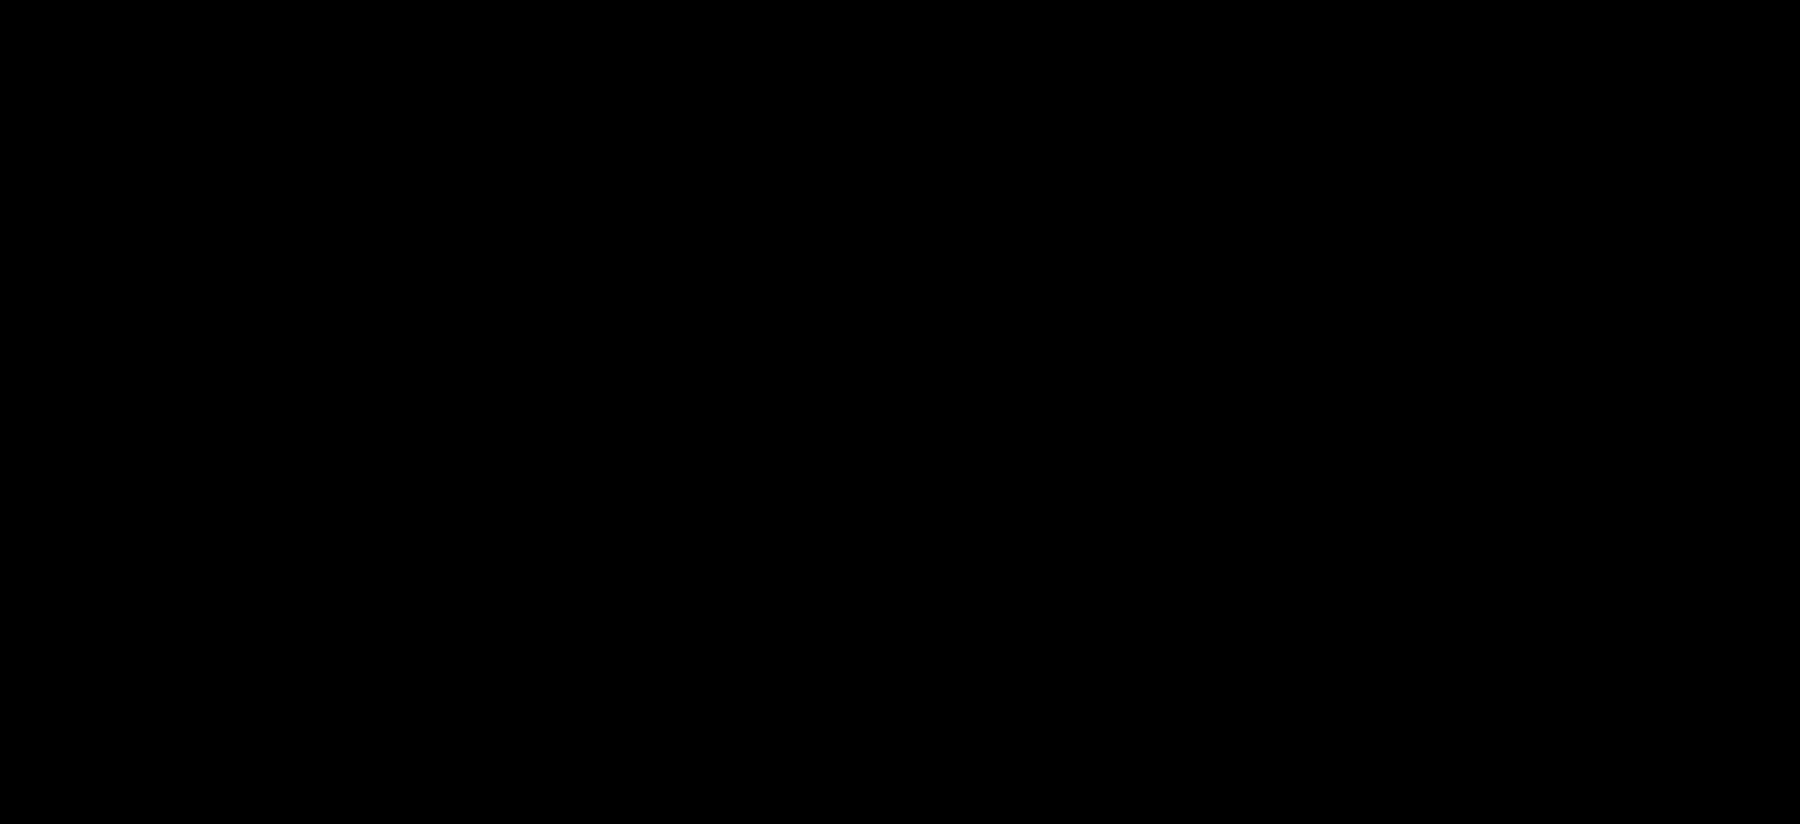 Spectrabotics